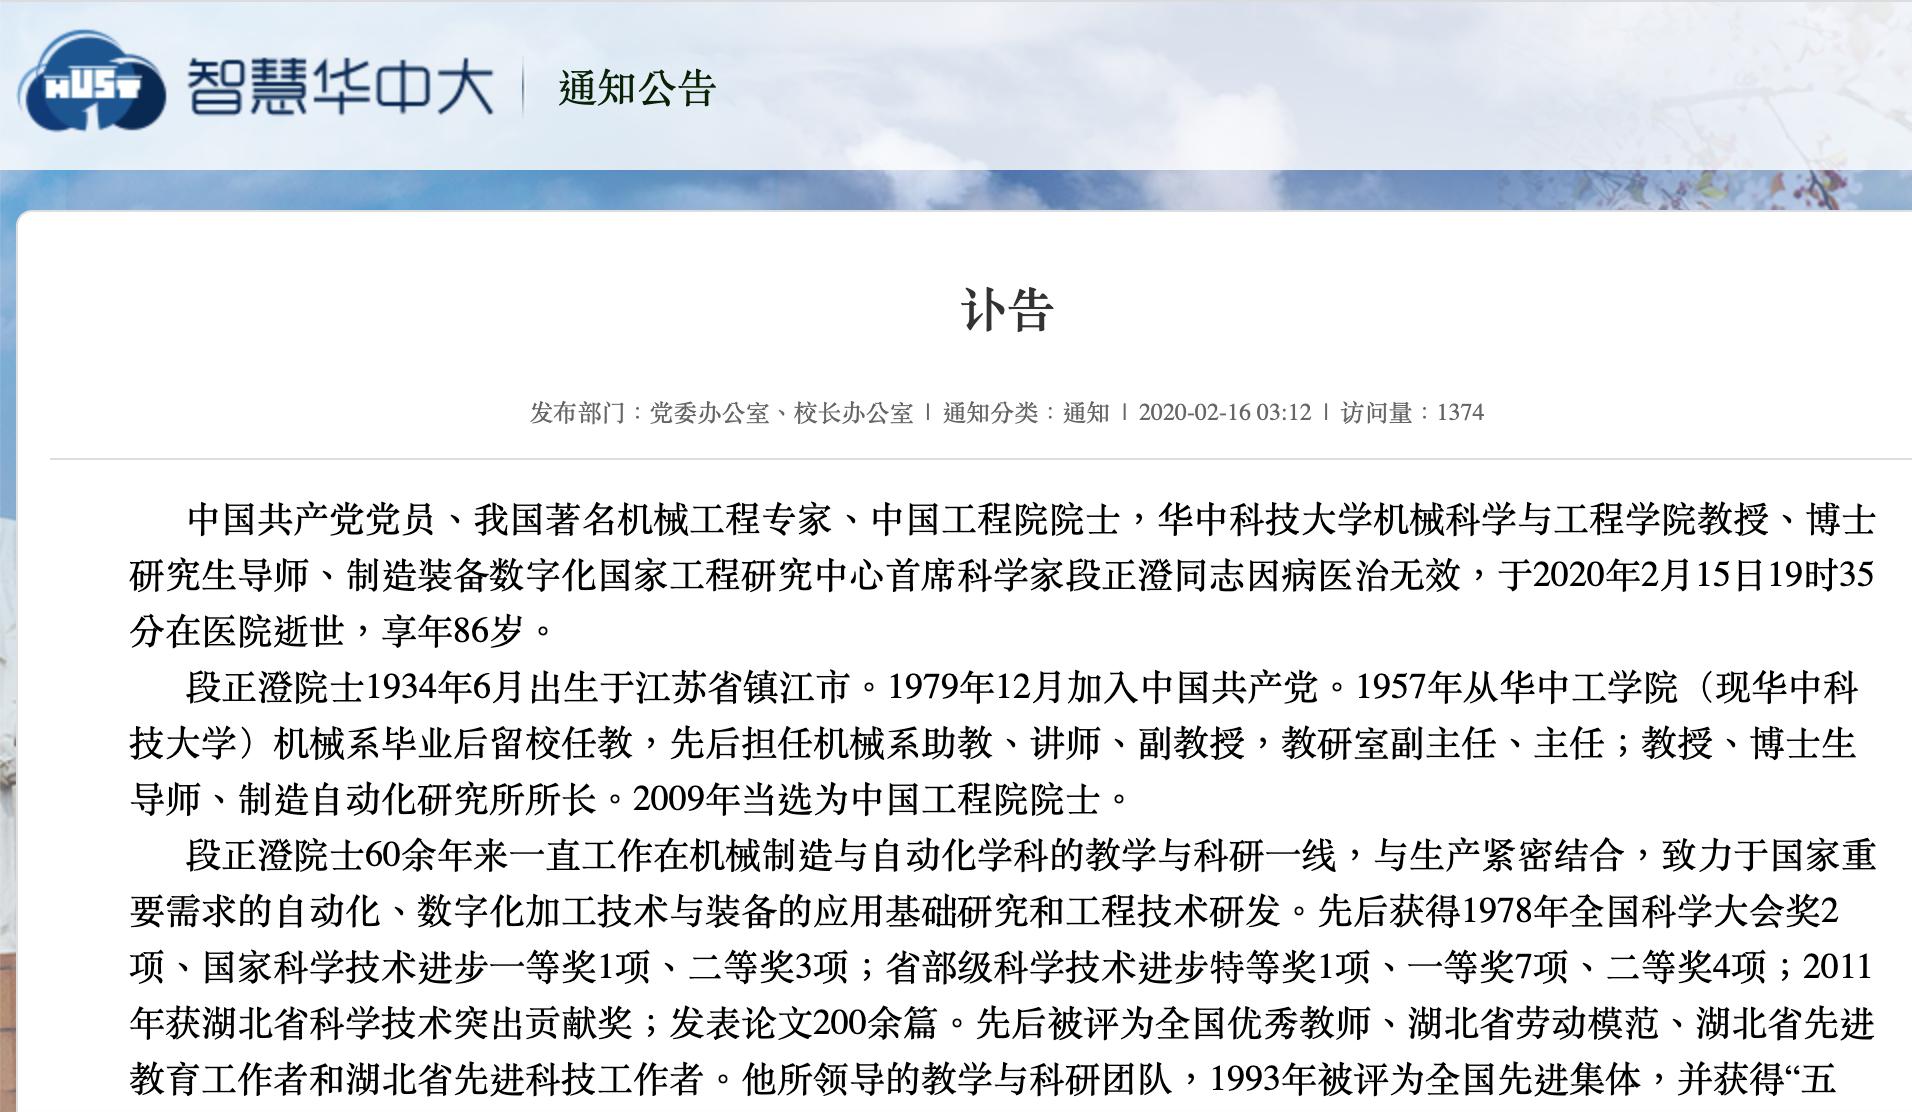 華中科大博道、工程院士段正澄因中共肺炎去世,這是該華中科大第三位因感染中共肺炎去世的學者。(網絡截圖)